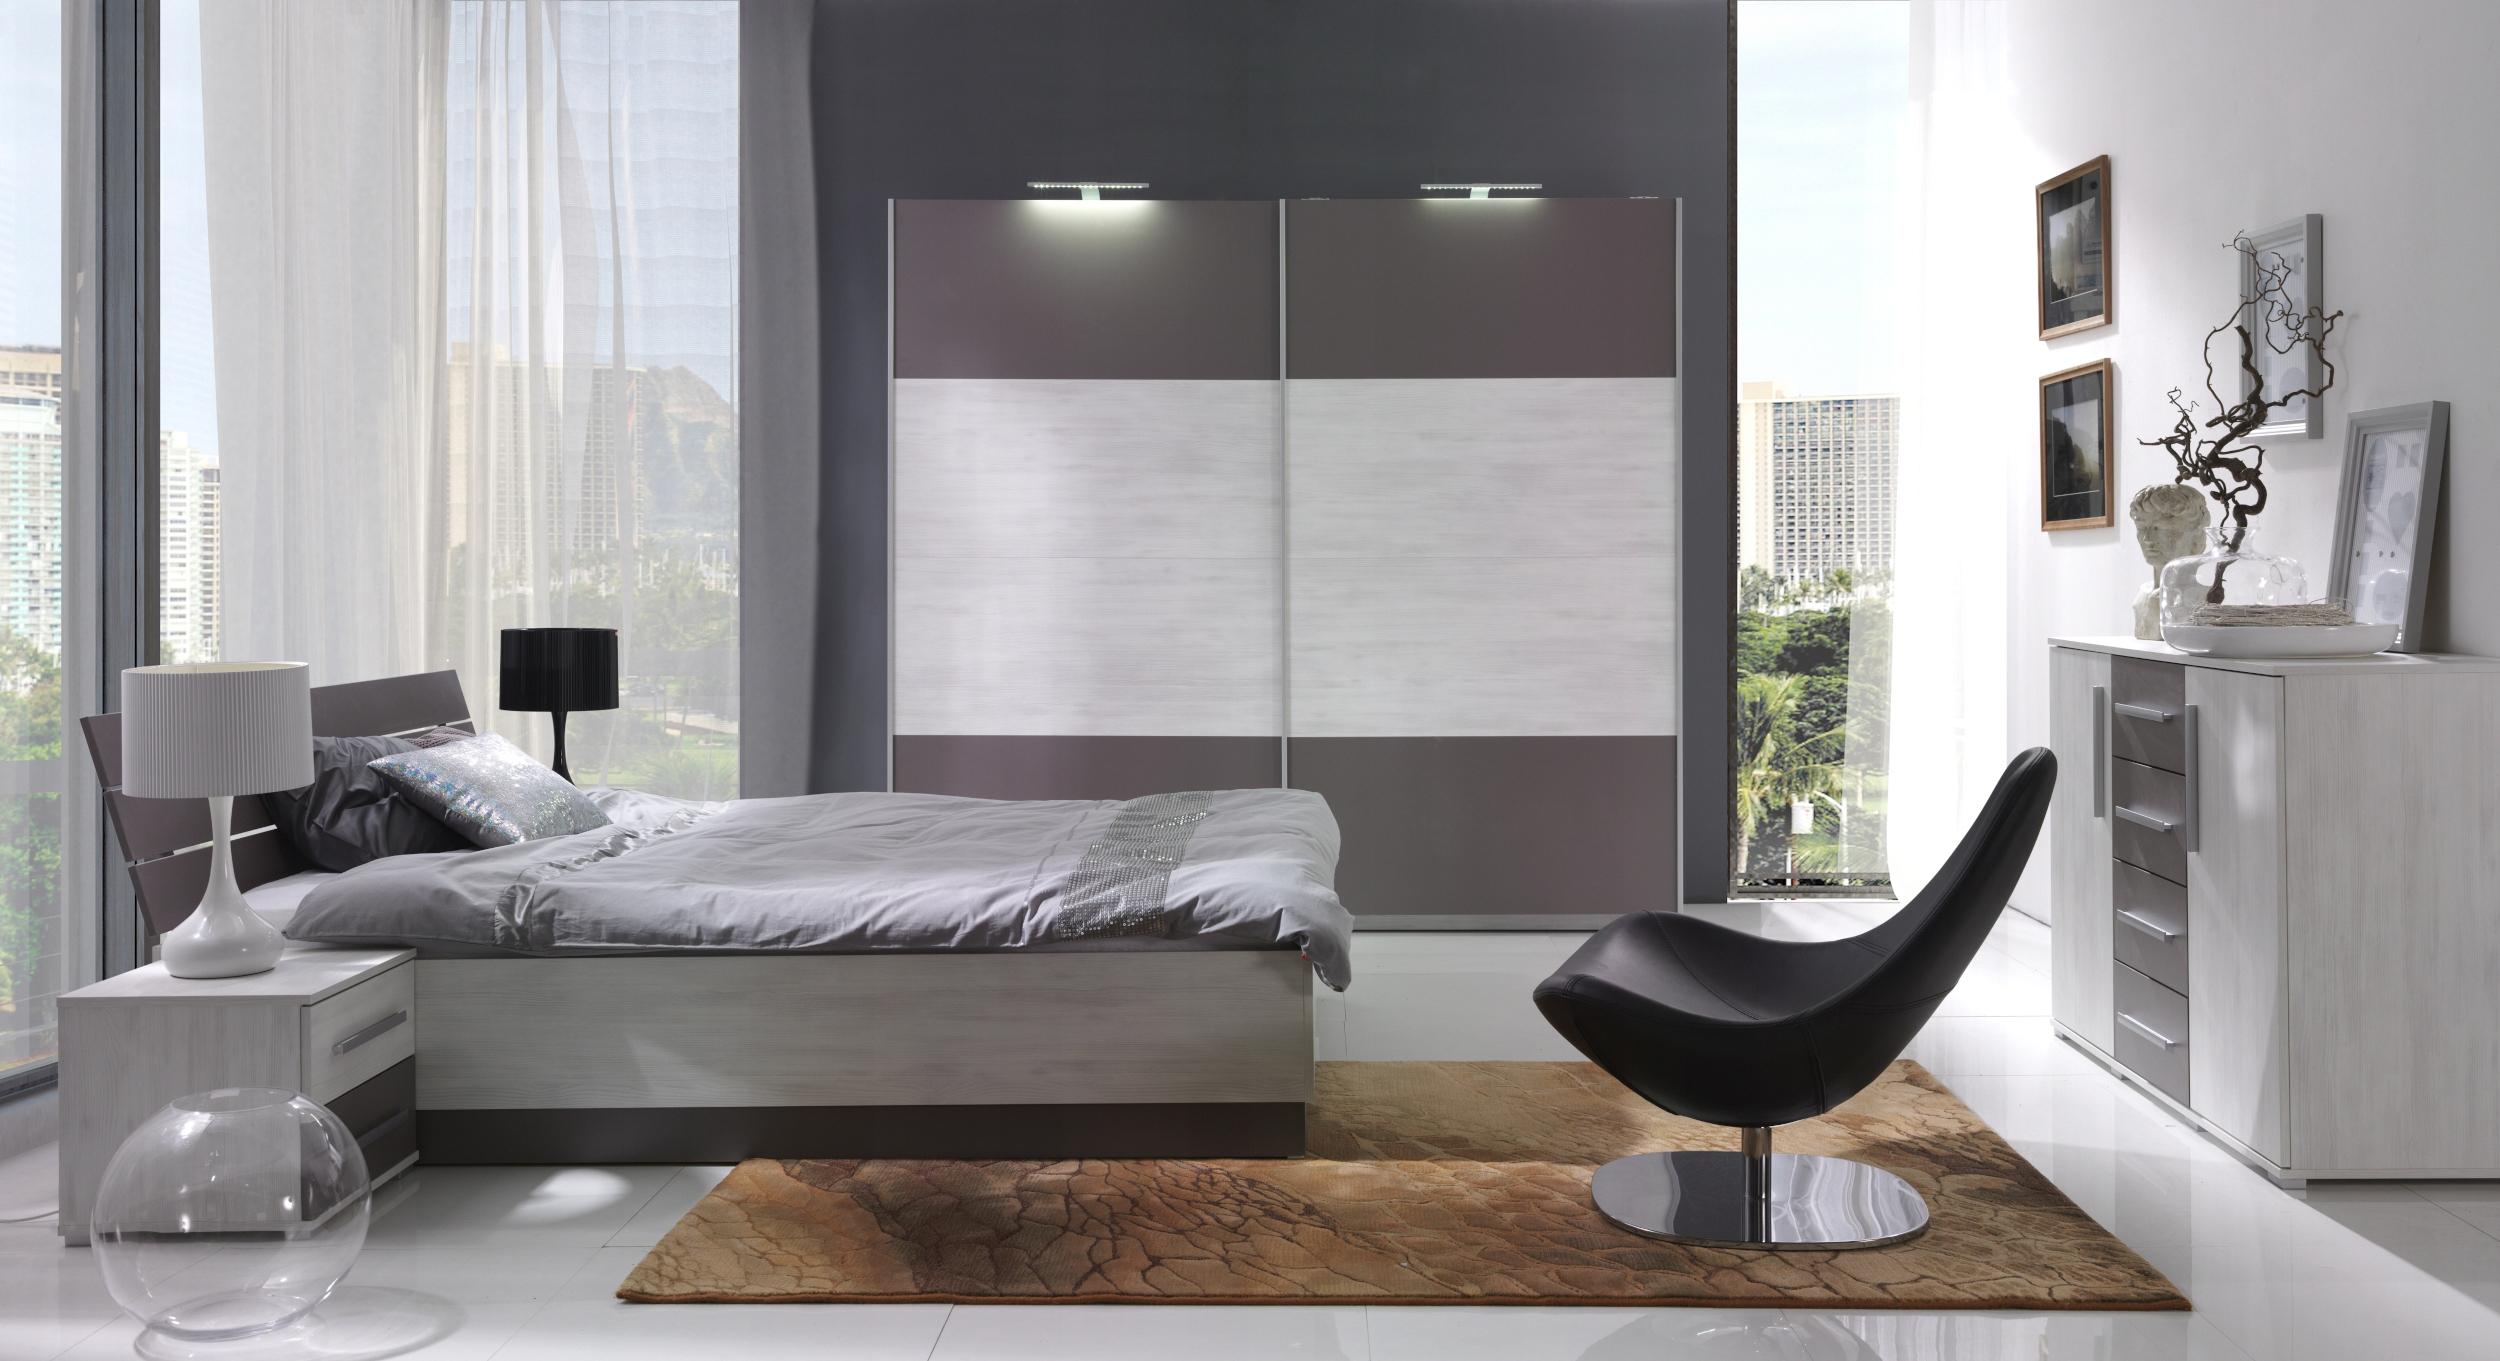 кровать со шкафчиками в стиле Хай-тек